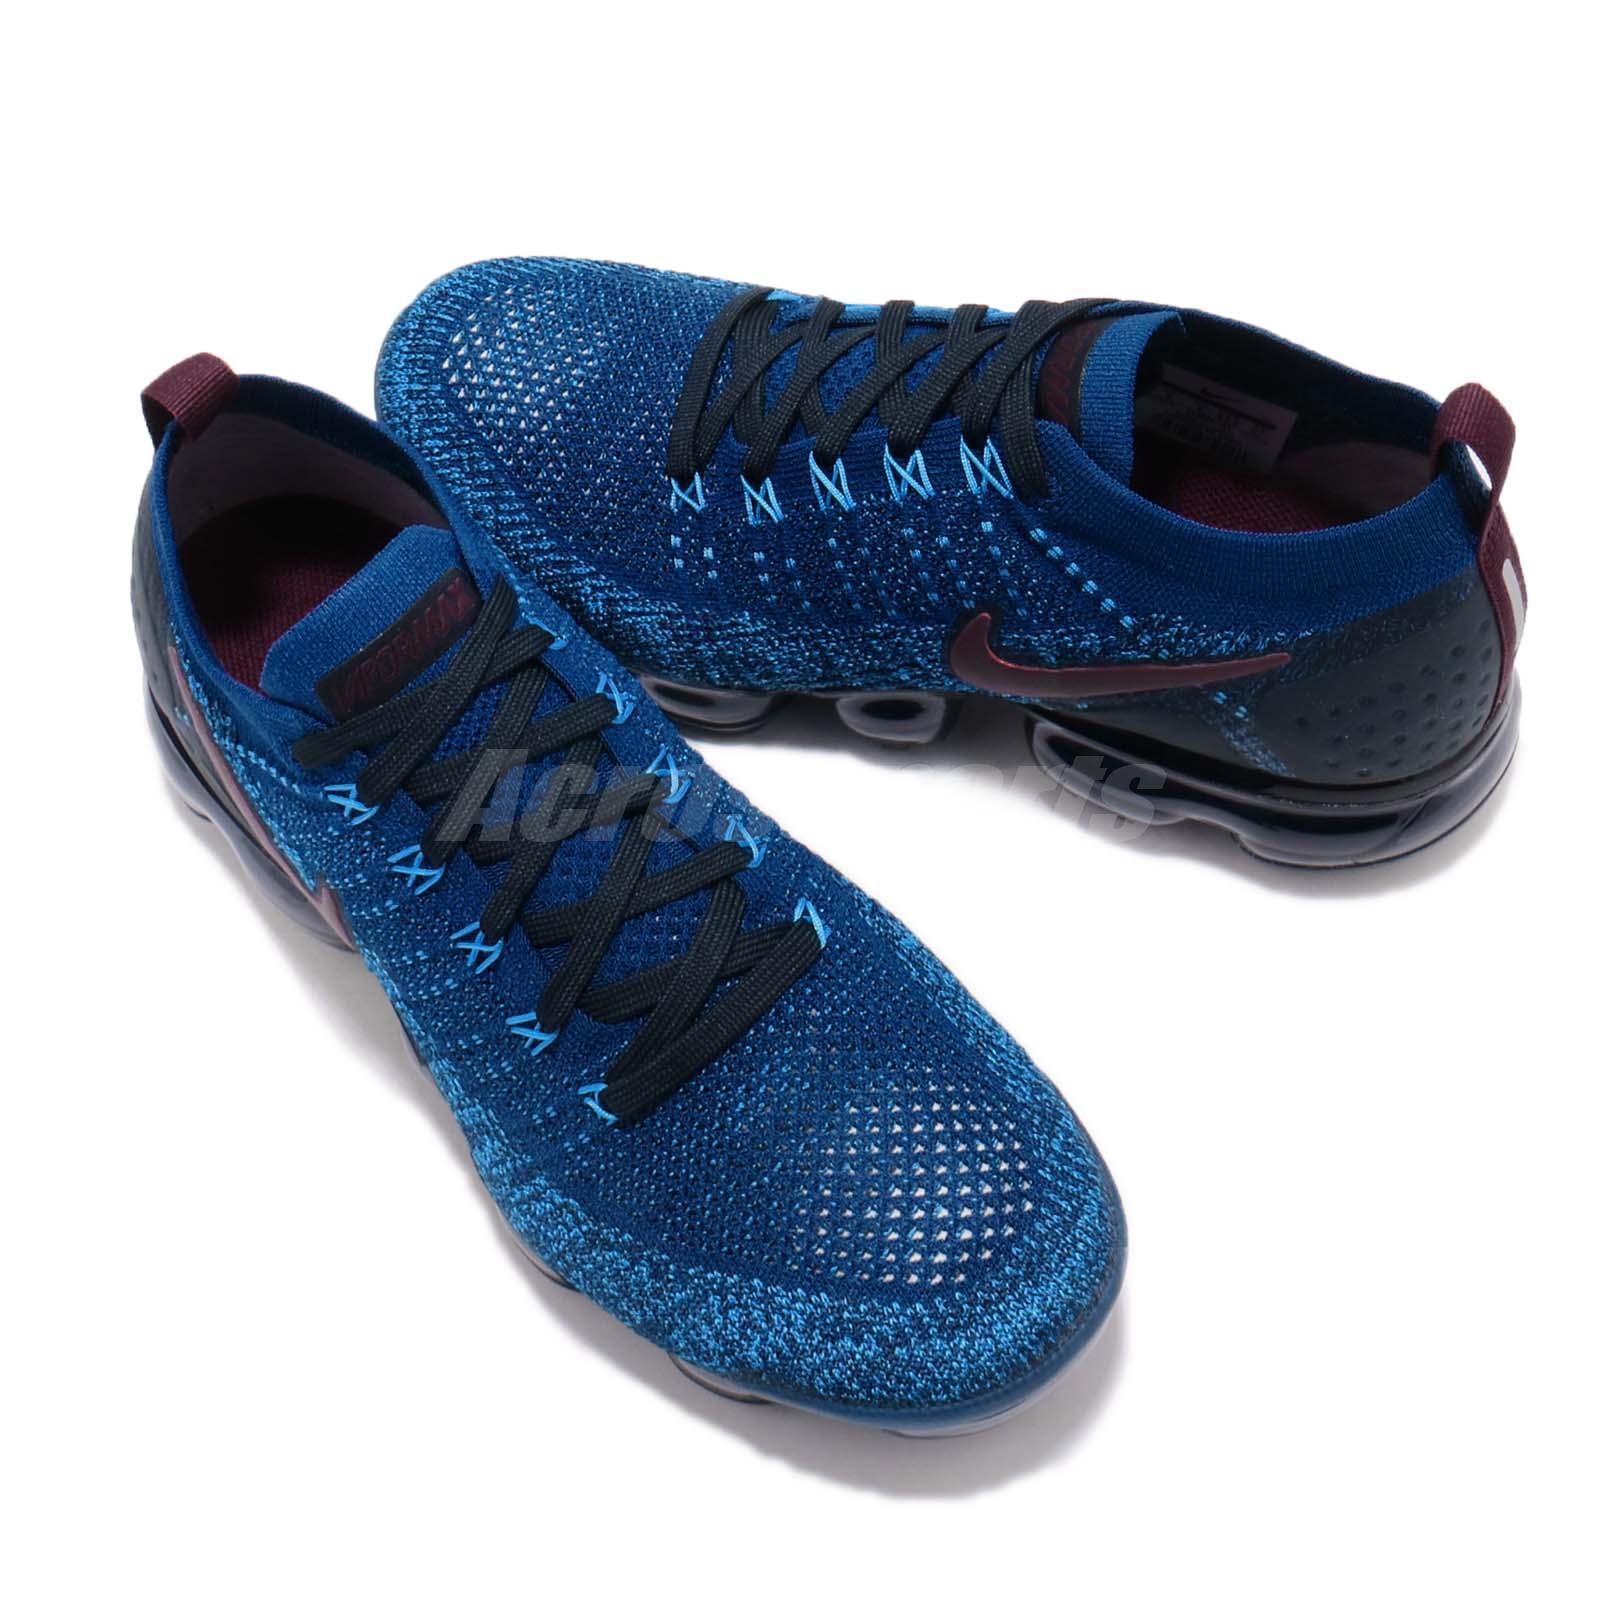 8418a9a84f44 Nike Air Vapormax Flyknit 2 II Gym Blue Navy Men Running Shoe ...